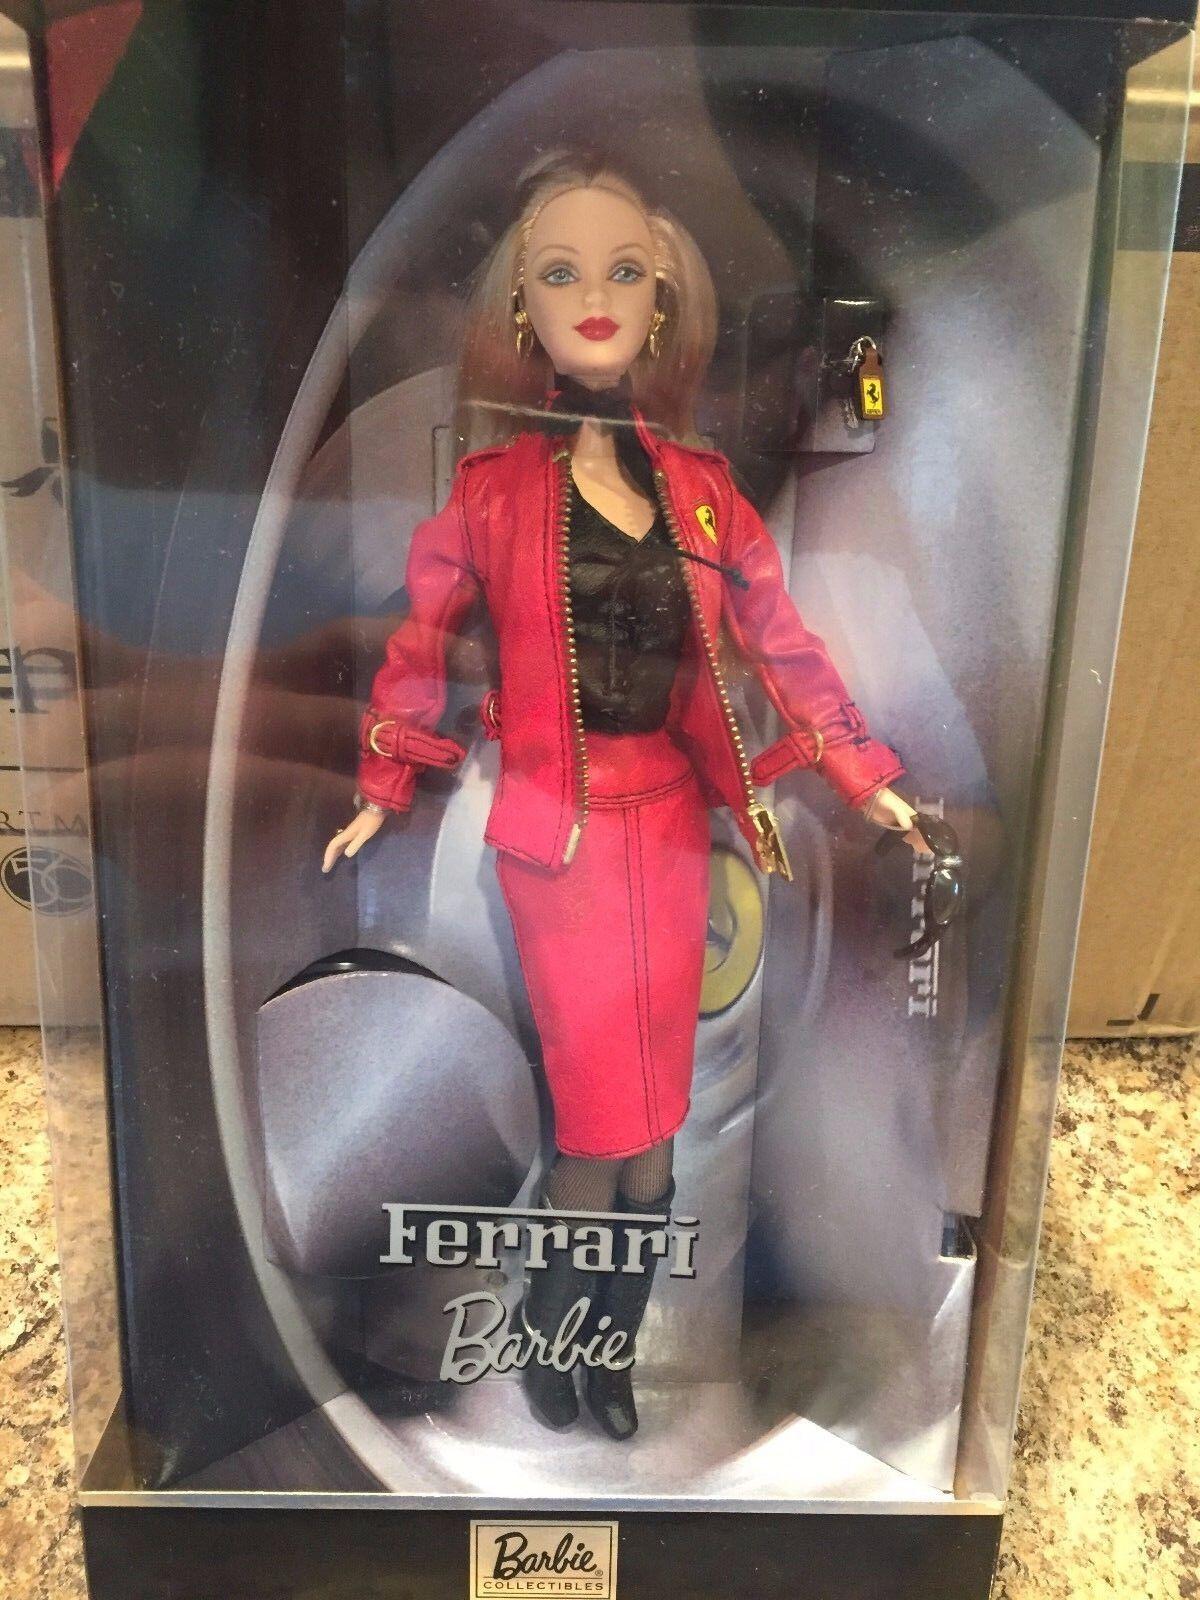 Mattel Muñeca Barbie Ferrari nunca quitado de la Caja retirado